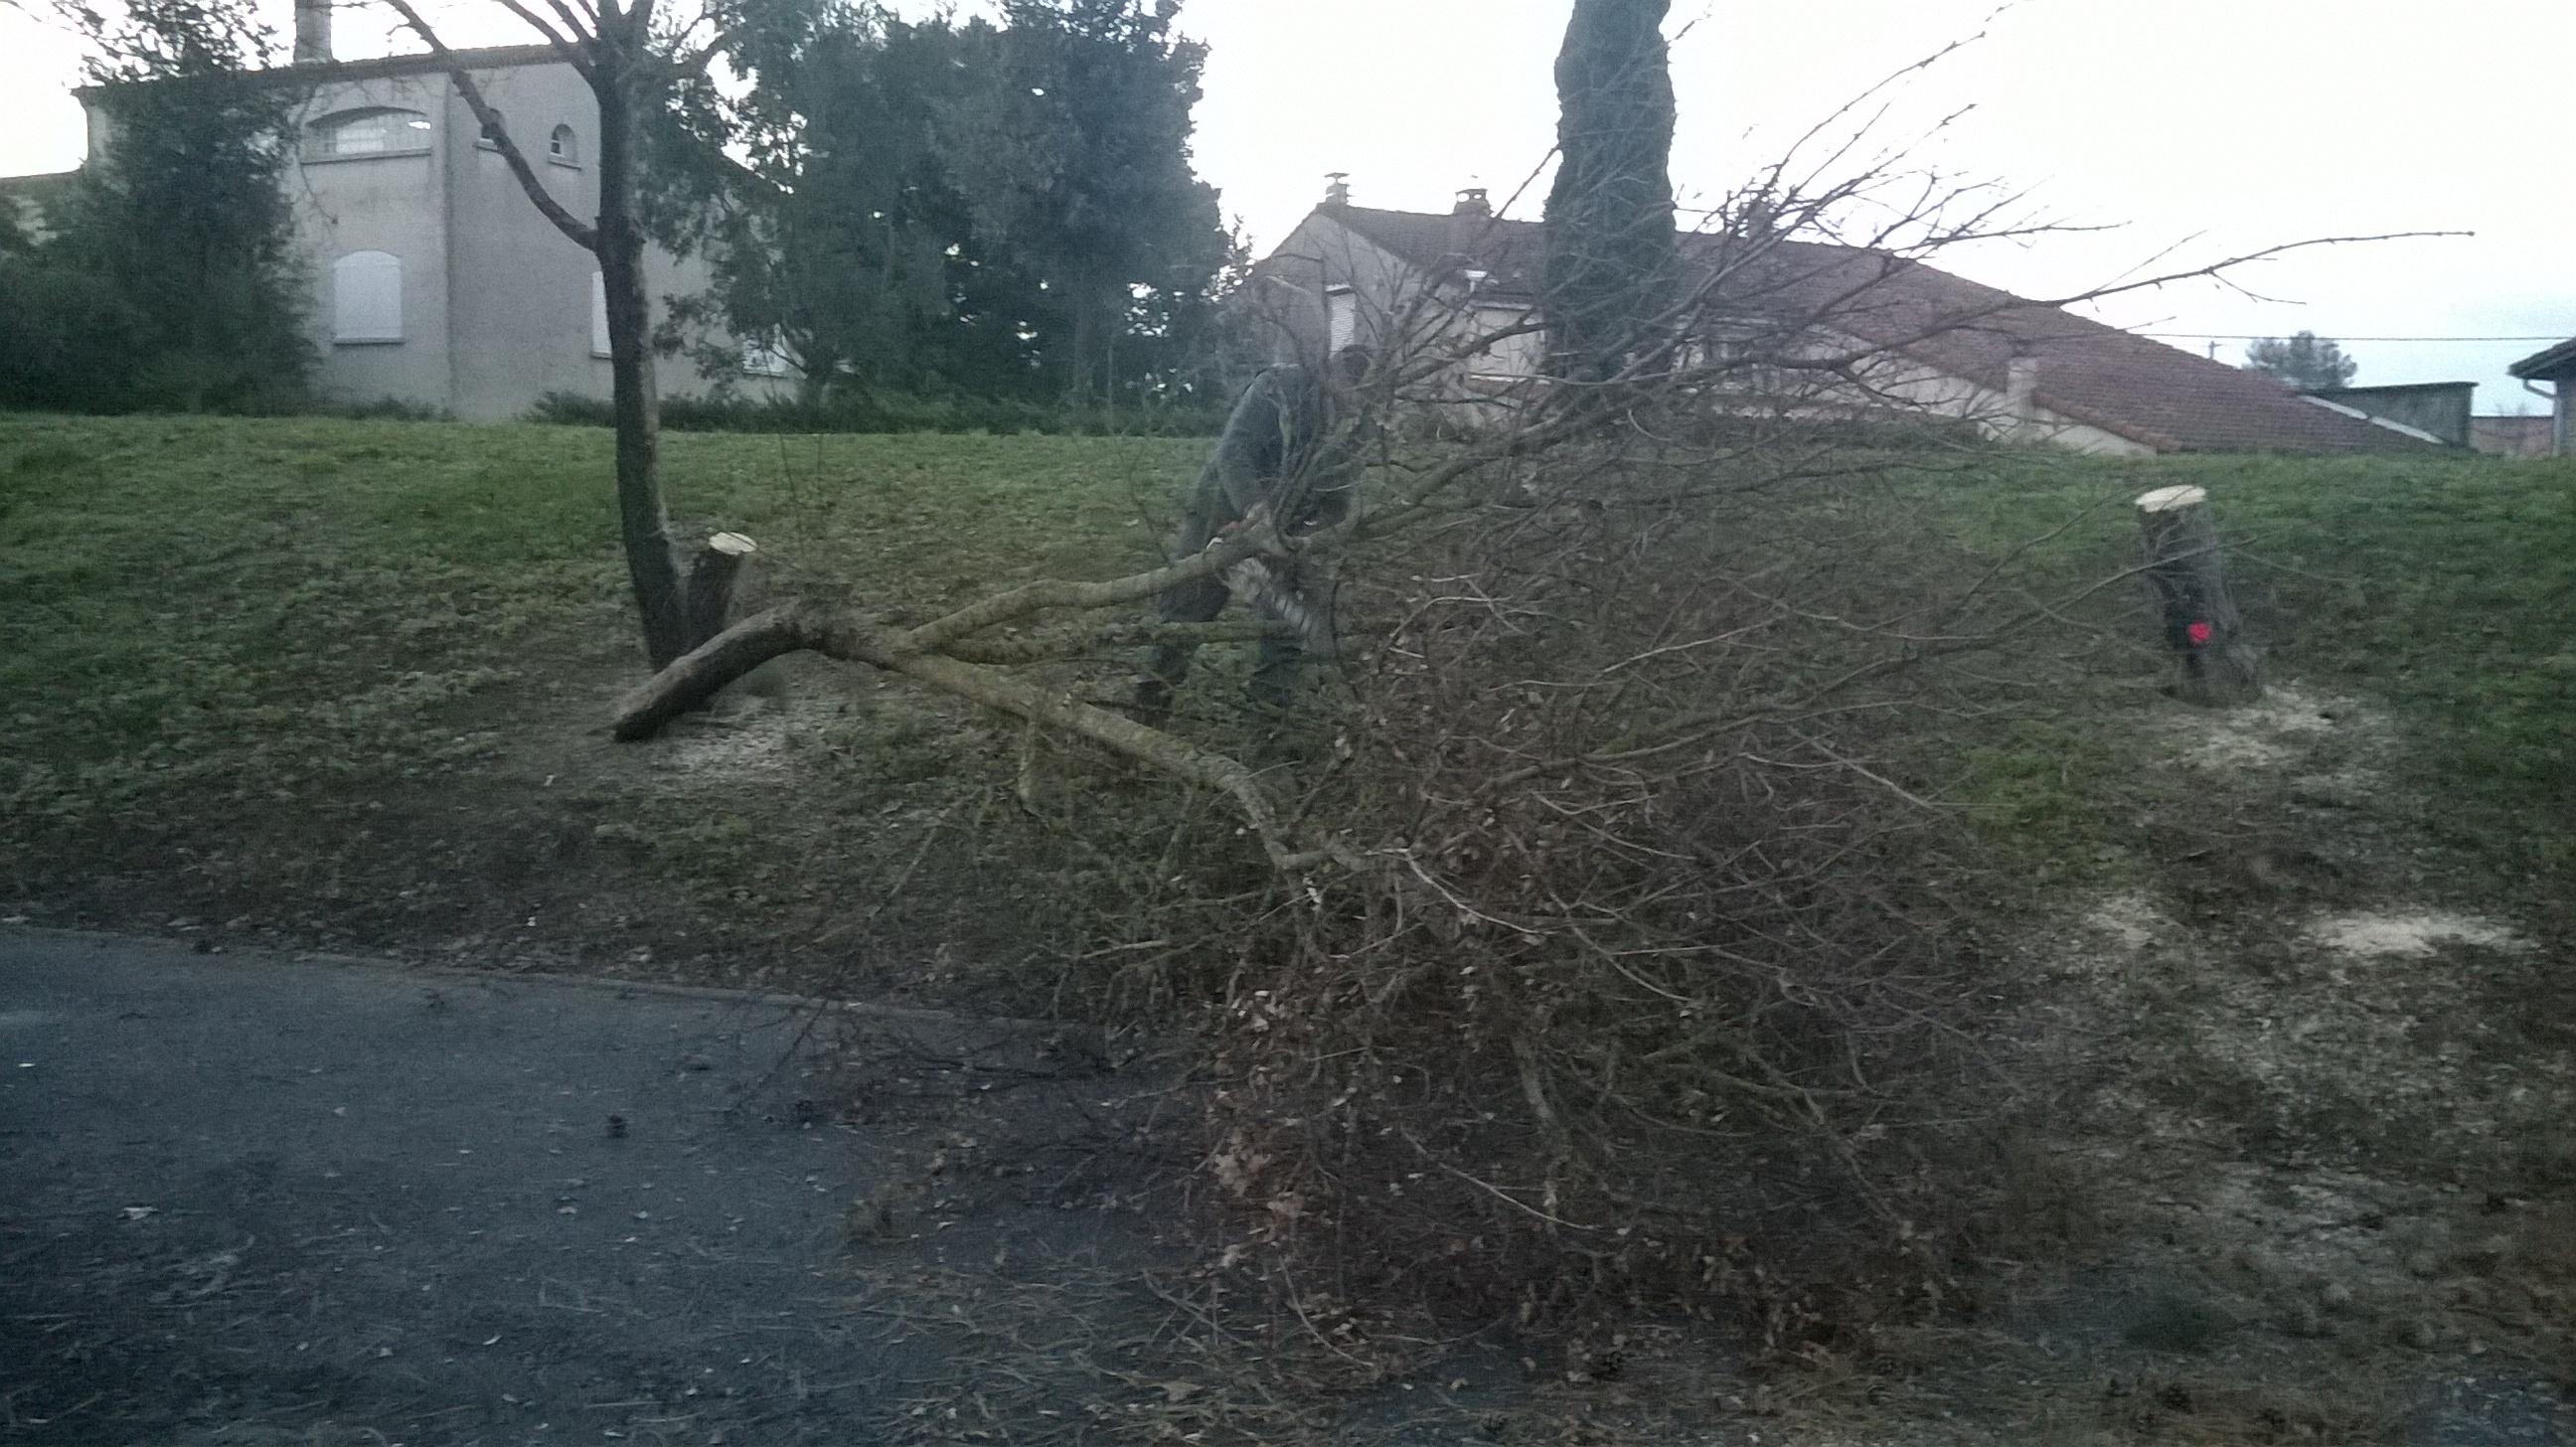 Plantation d'arbres à Colomiers : Abattage des arbres